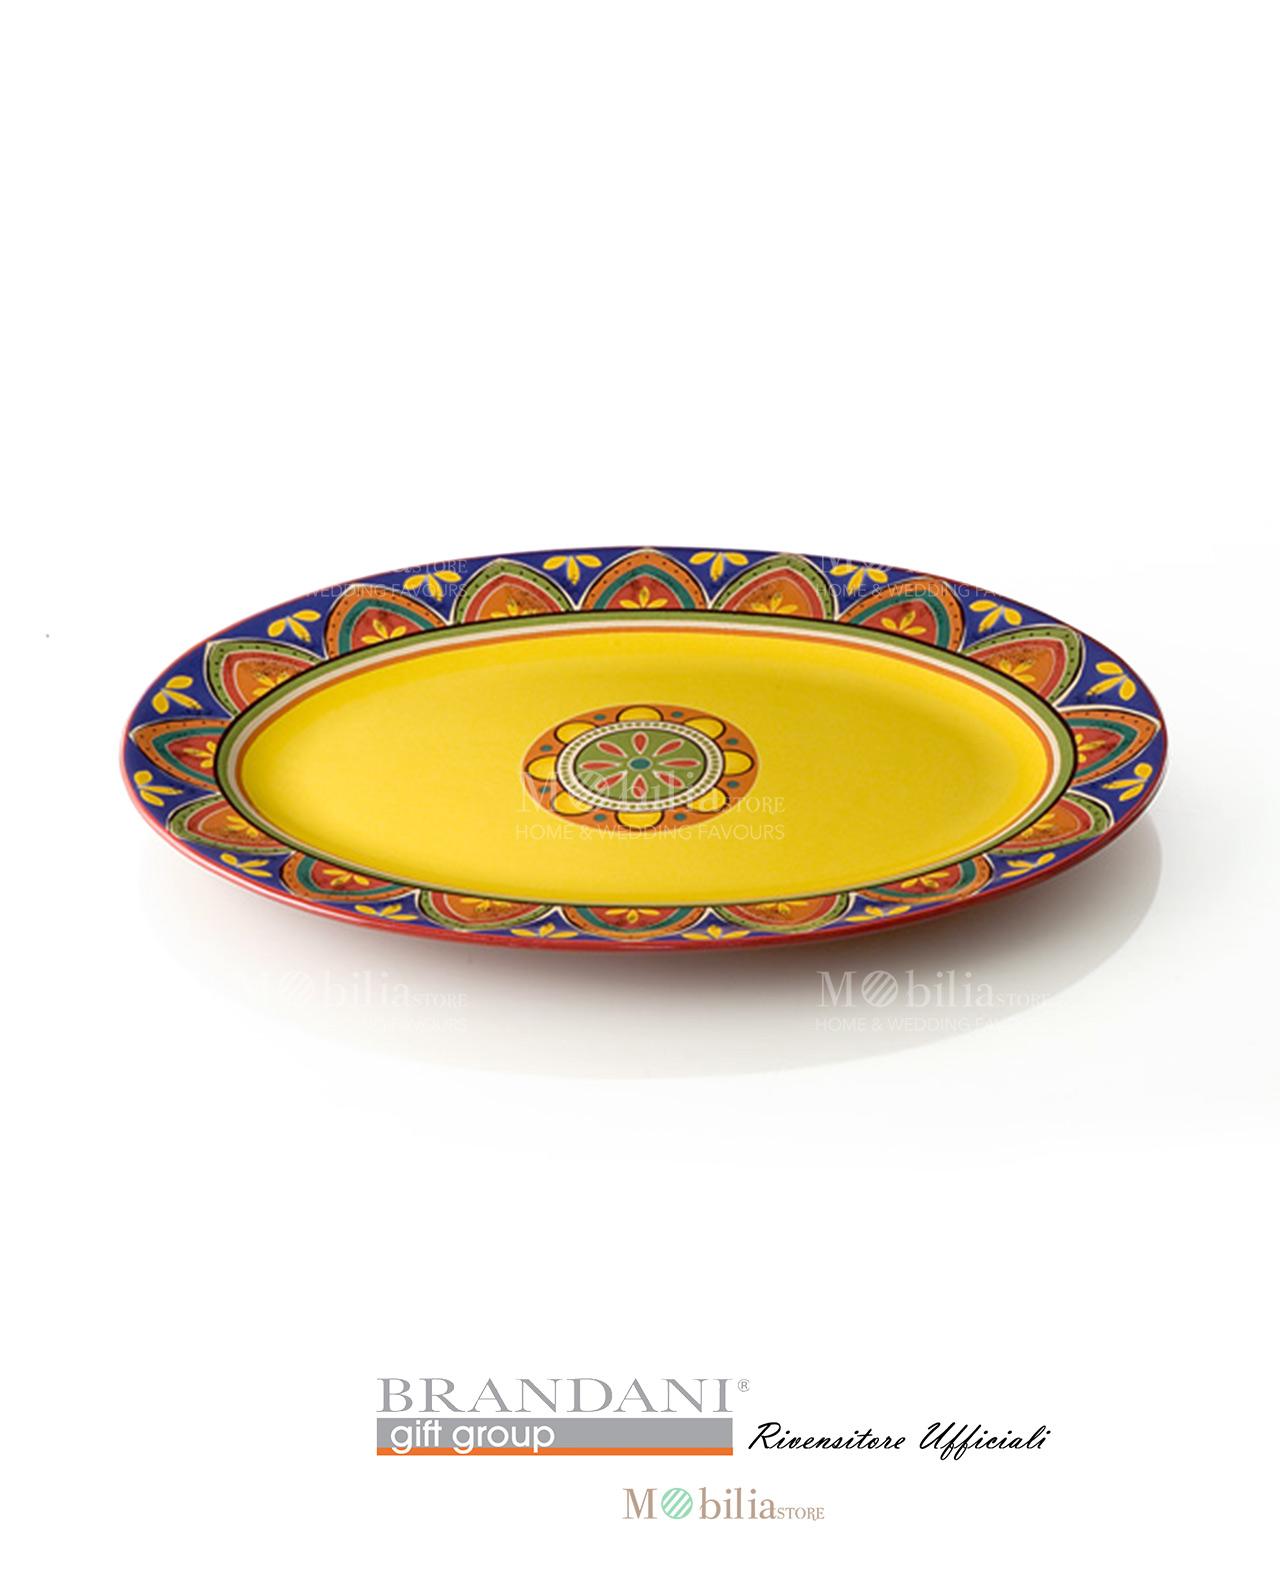 Piatto da portata ovale piccolo ceramica brandani - Piatto da portata ...